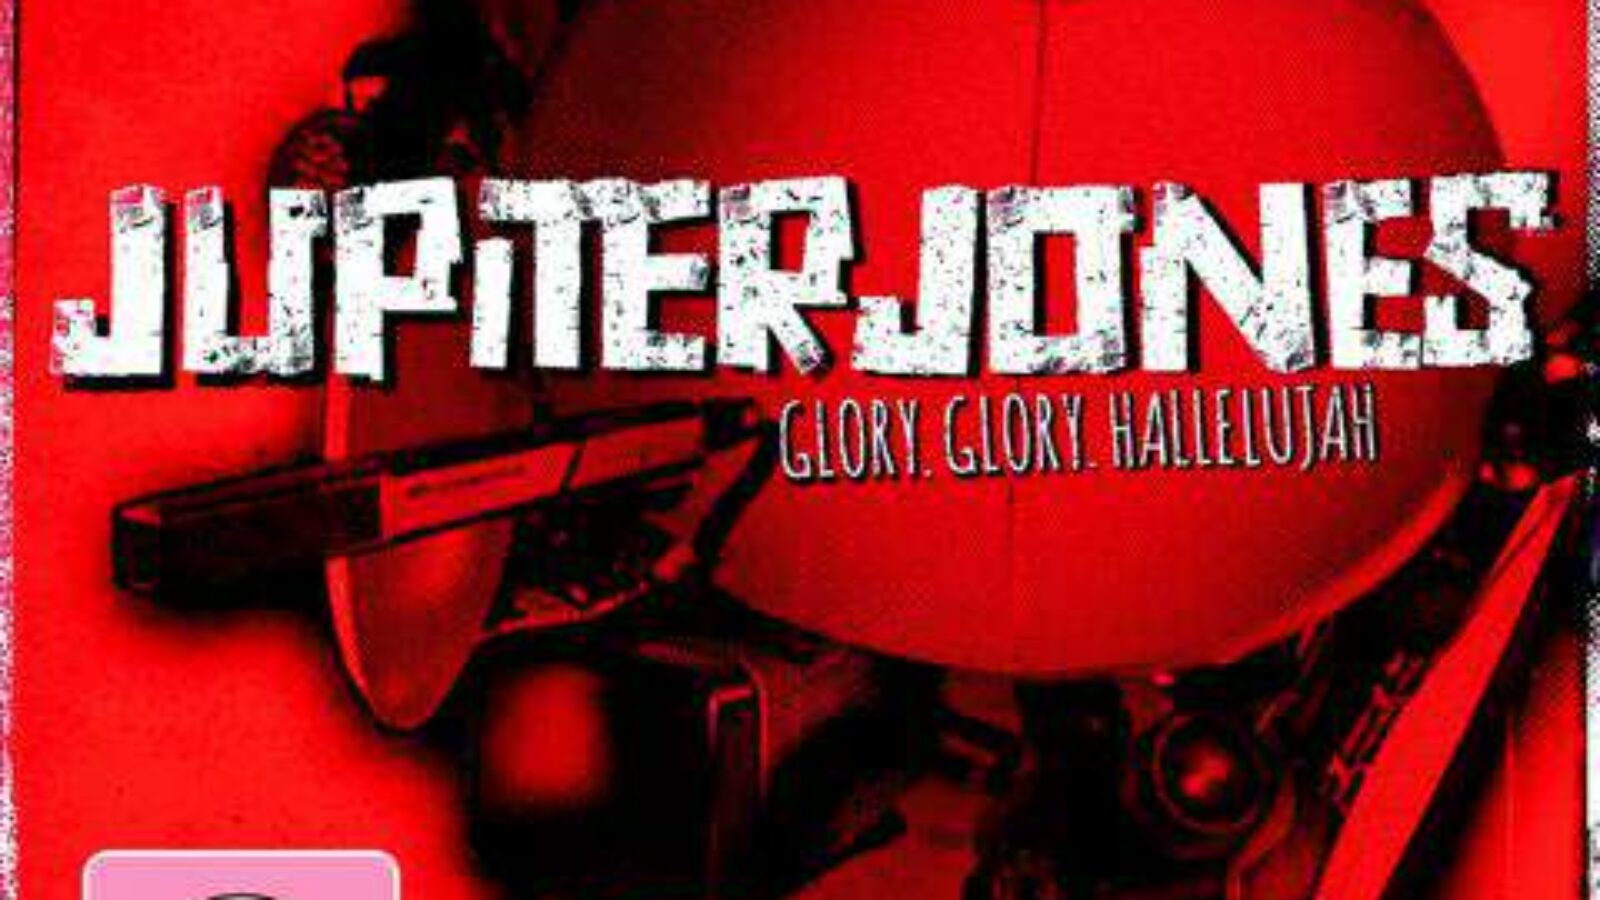 JUPITER JONES – Glory.Glory.Hallelujah